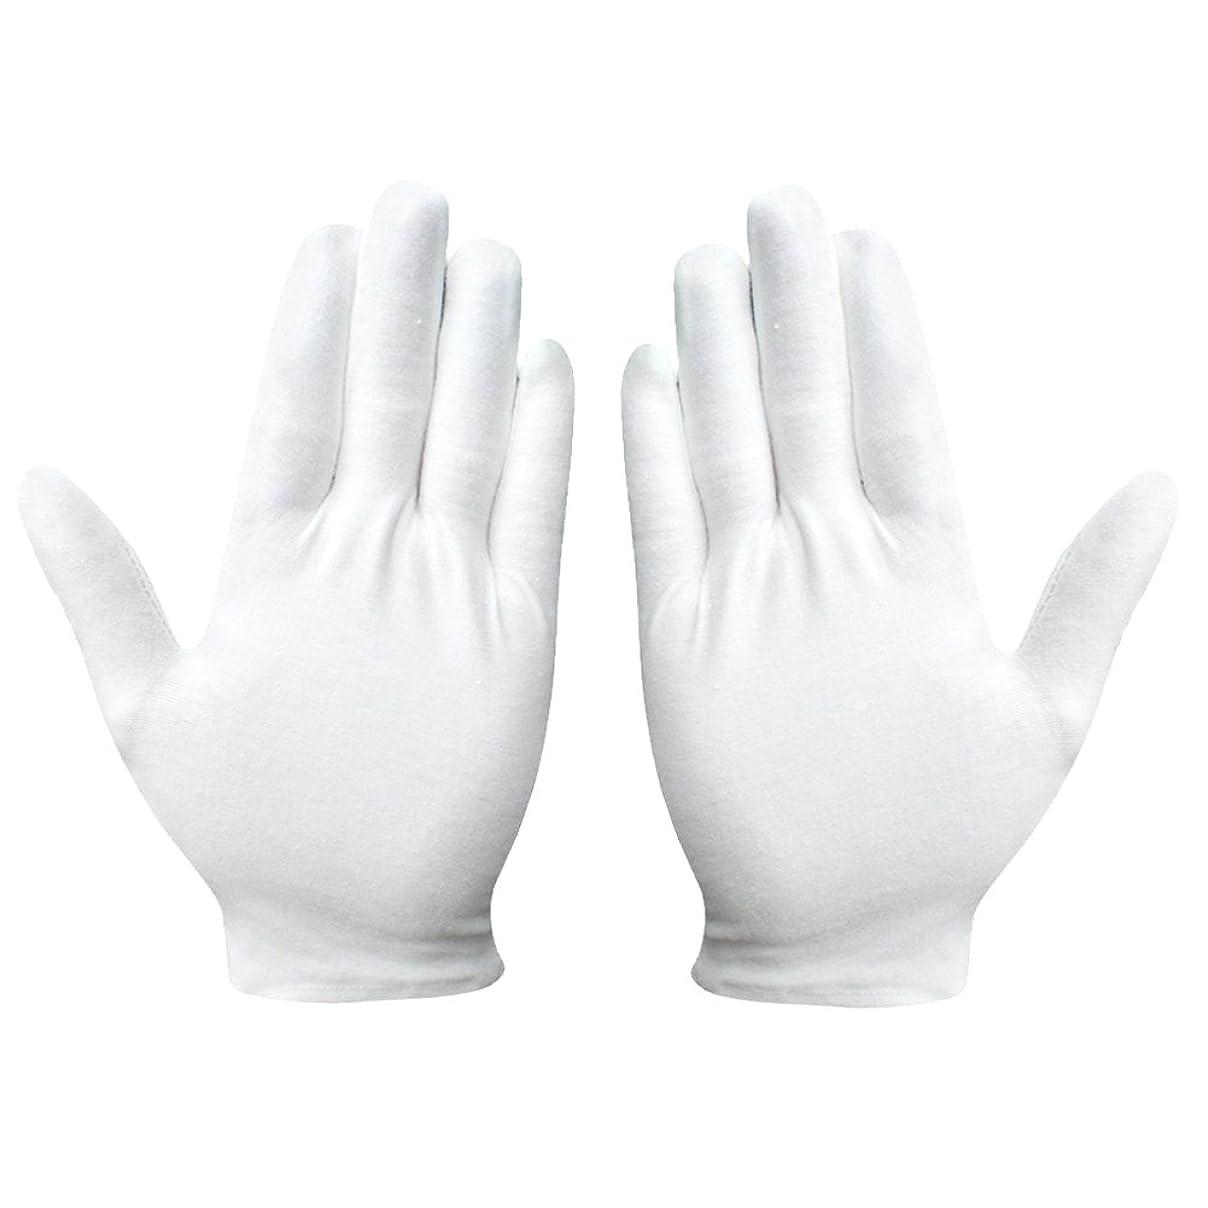 値化石レンダーYideaHome コットン手袋 綿 手袋 礼装 用 柔らかい 通気性 12双組